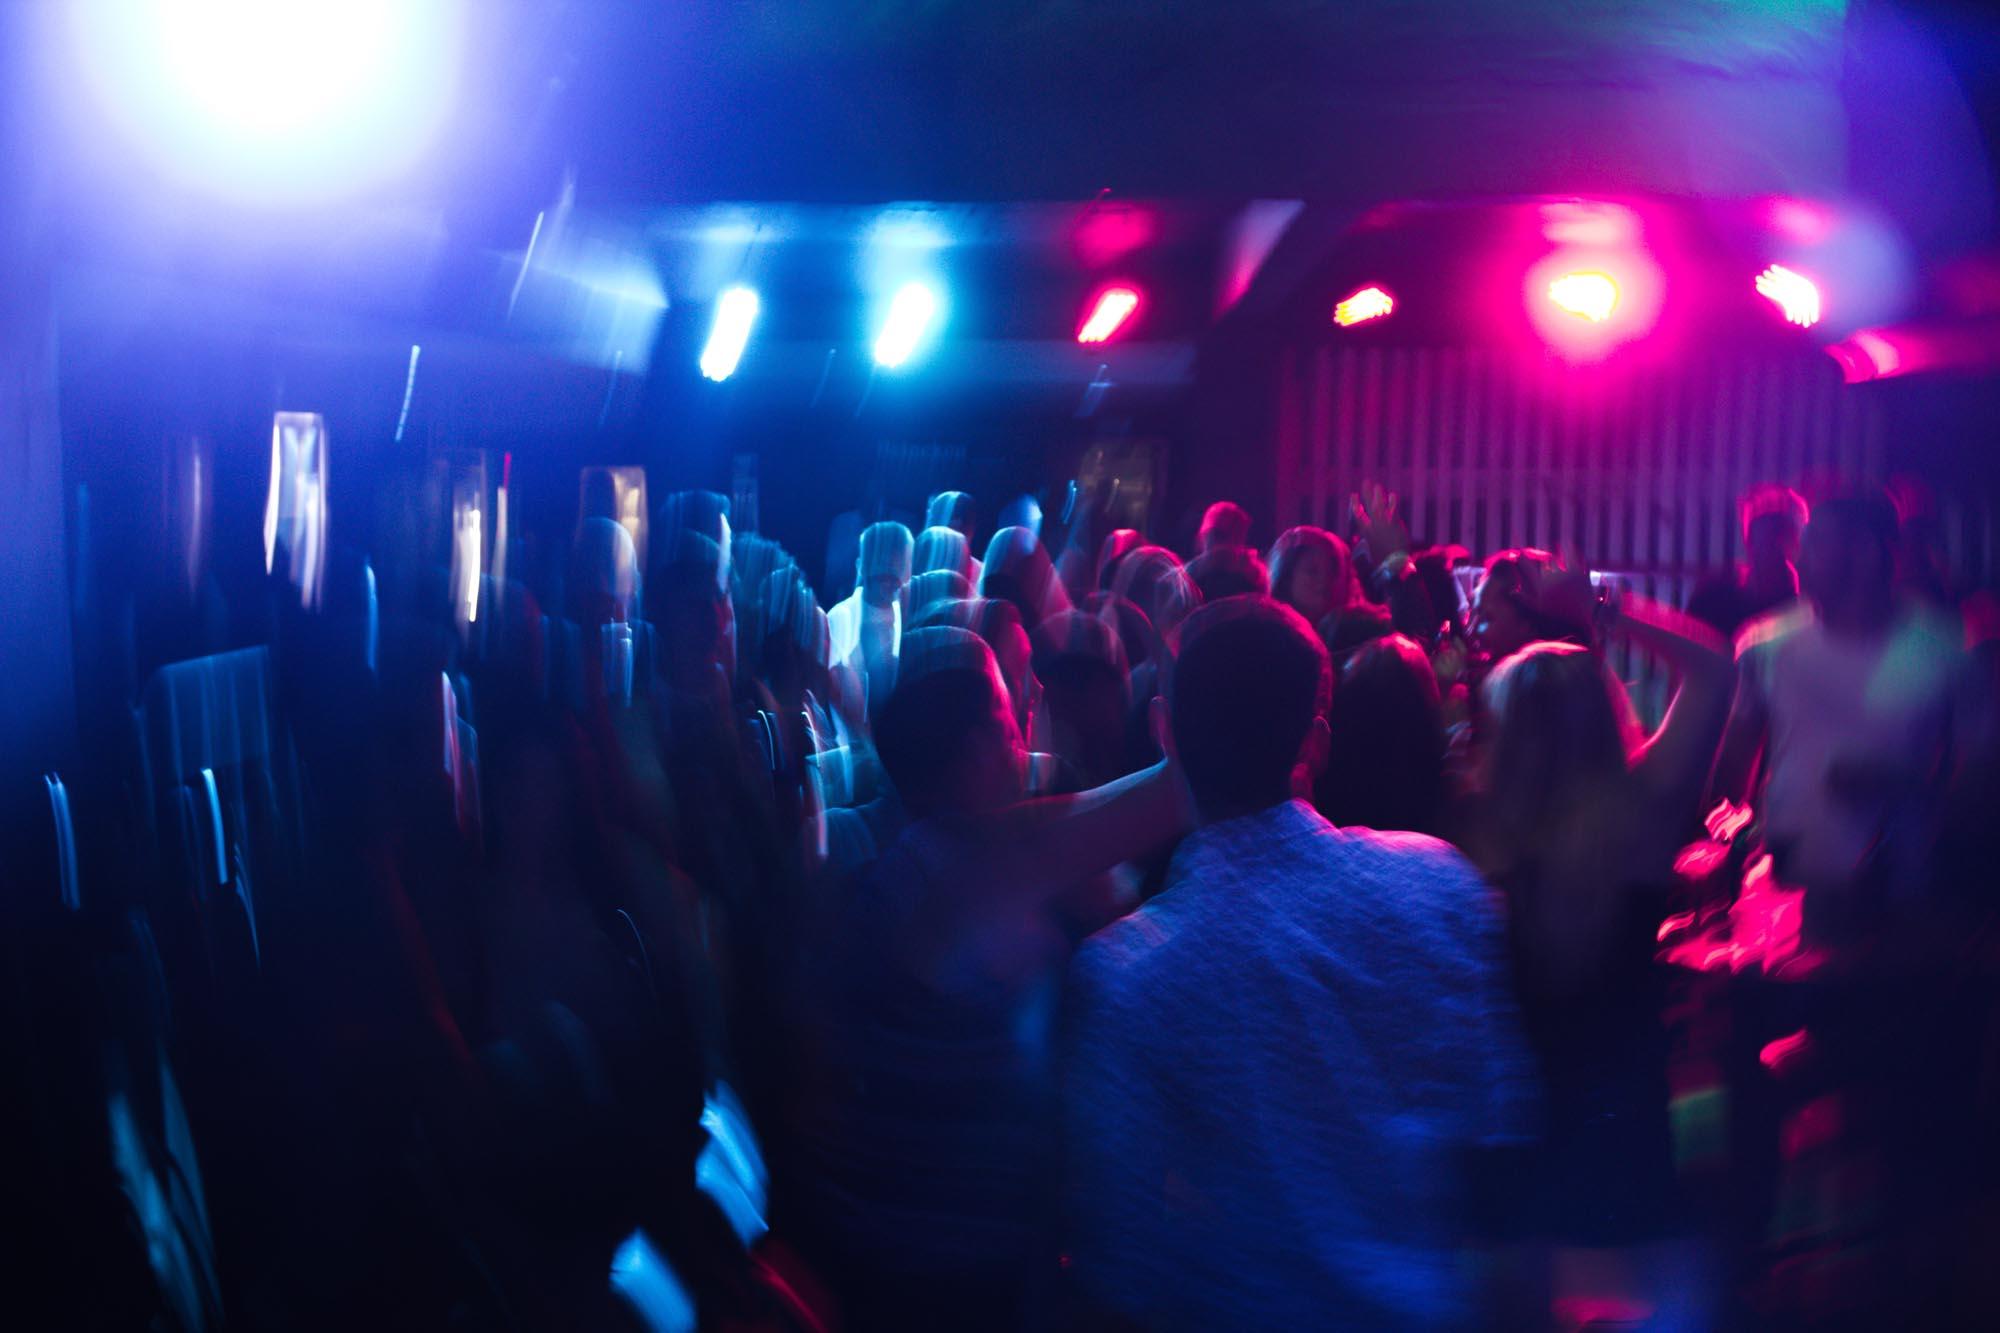 Consumo de alcohol en estas fiestas puede producir graves consecuencias